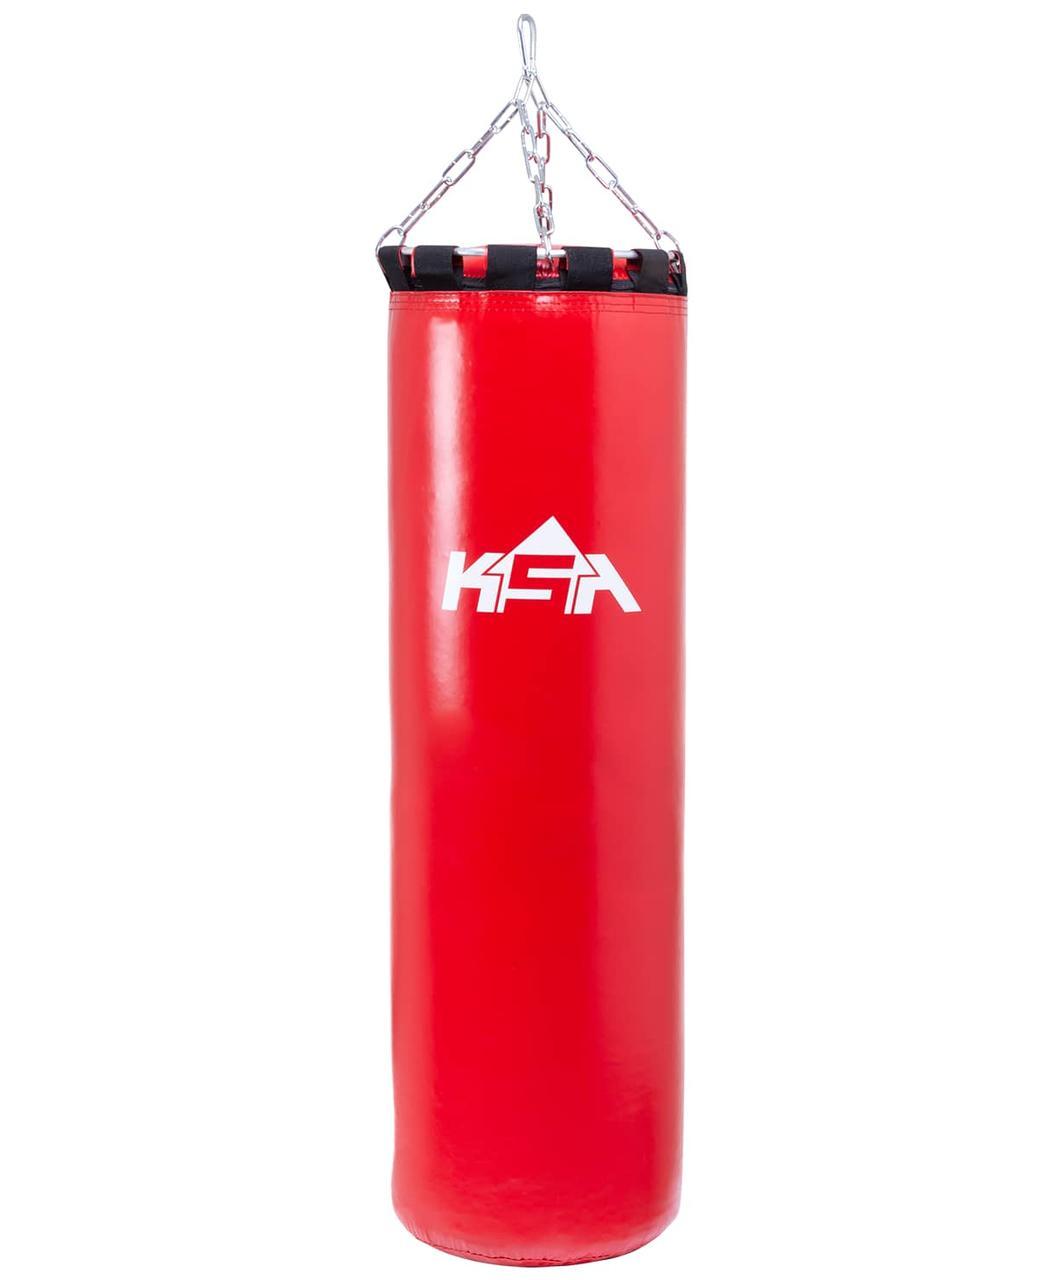 Мешок боксерский PB-01, 60 см, 15 кг, тент, красный KSA